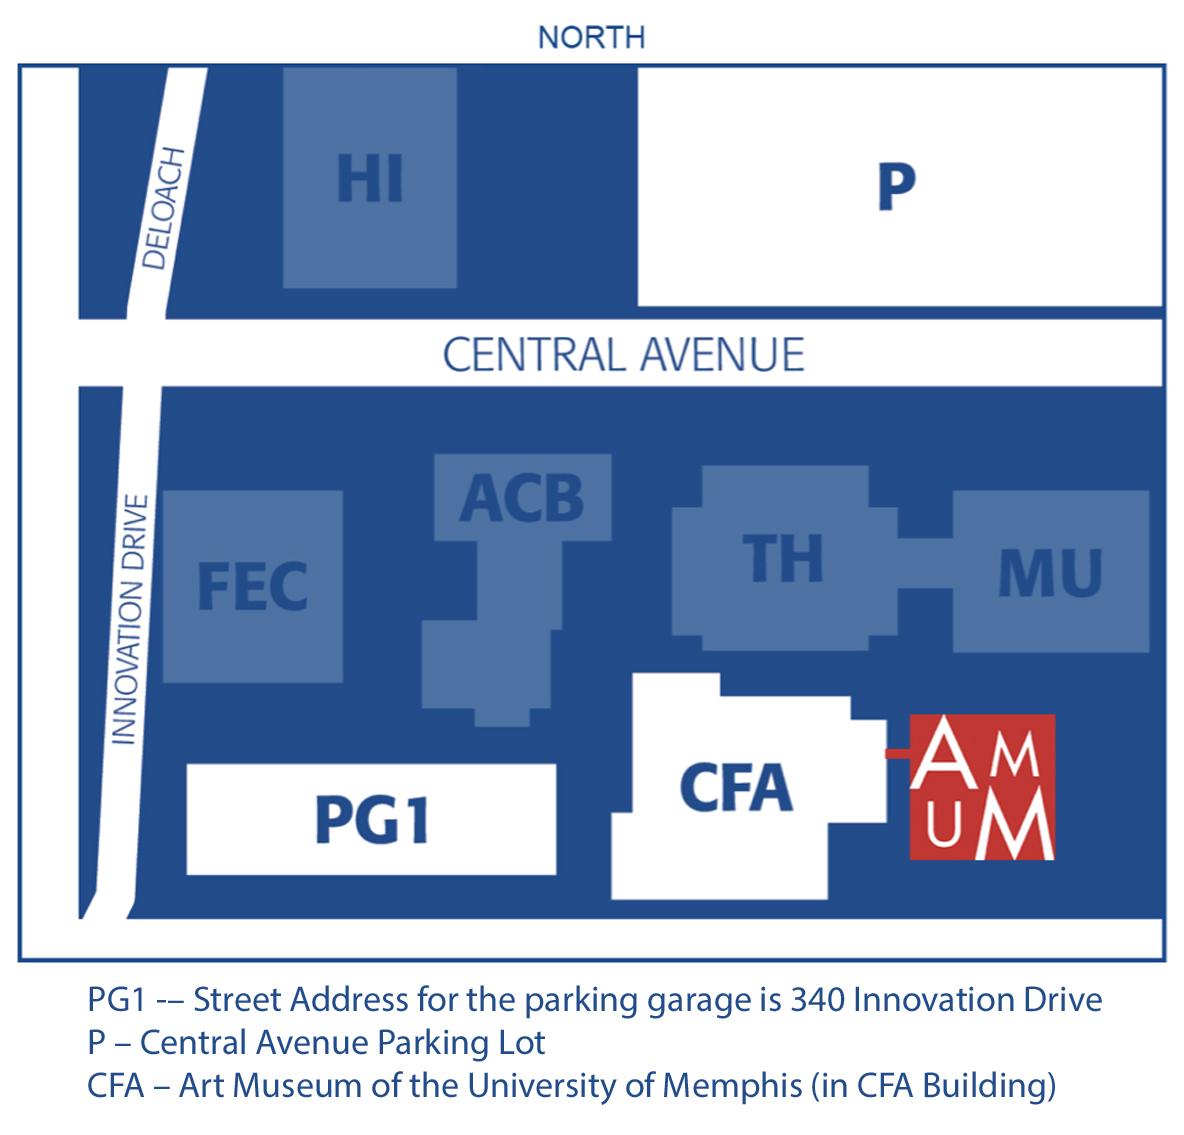 Map to AMUM